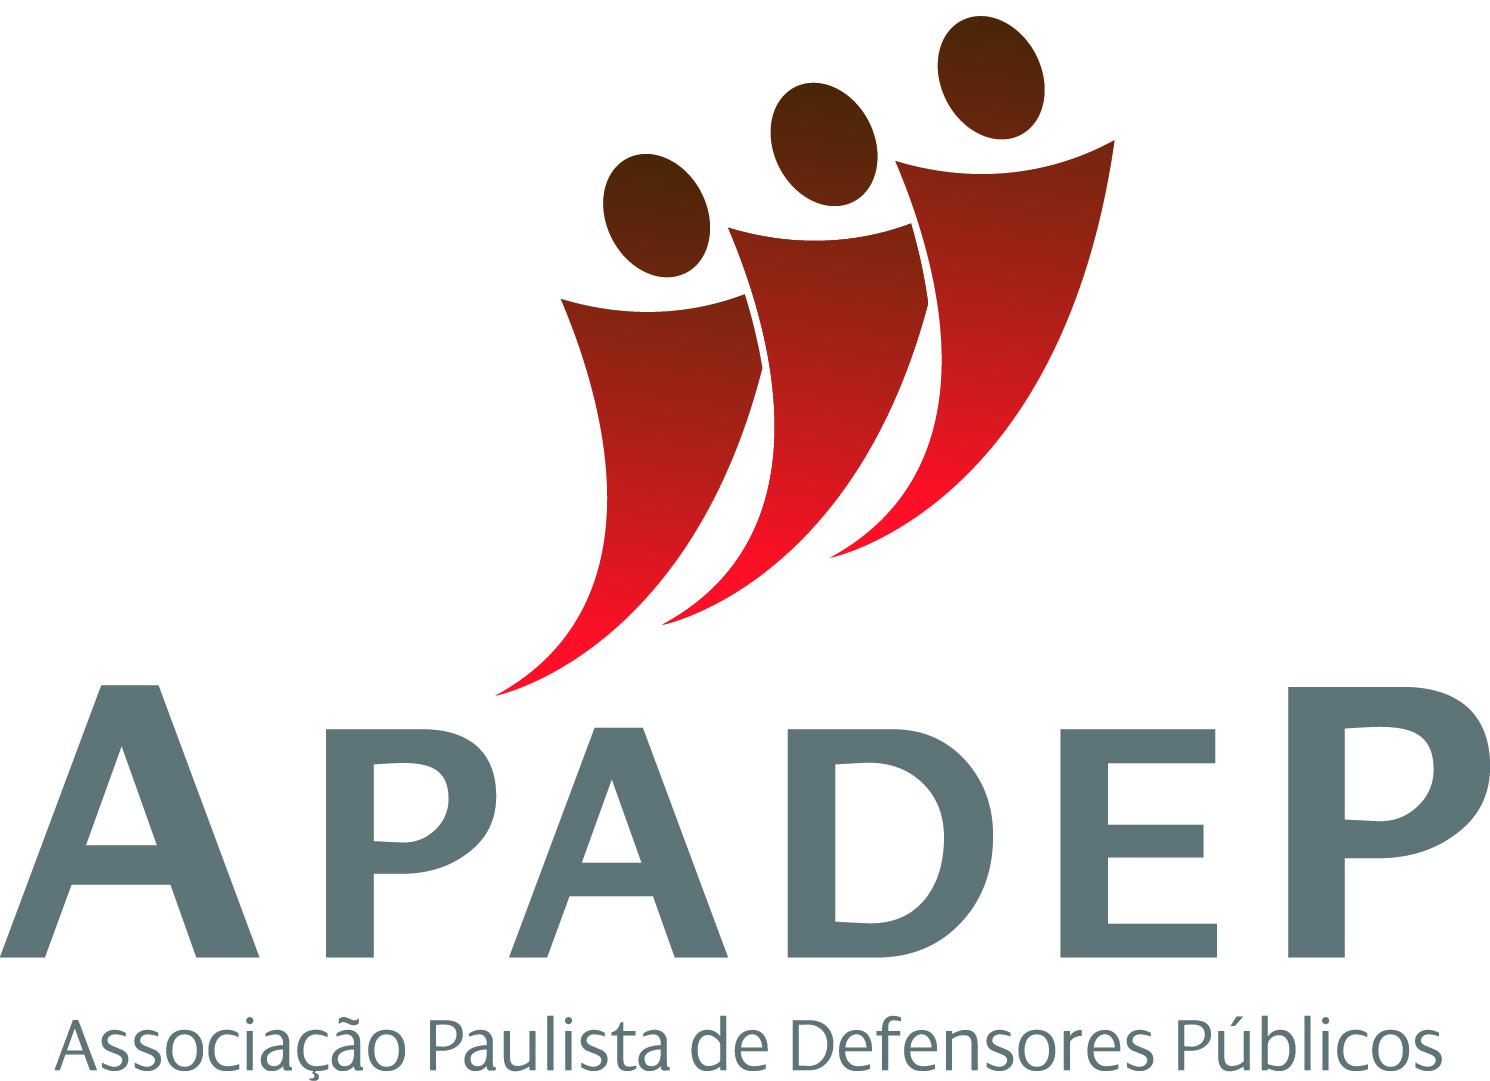 APADEP - ASSOCIAÇÃO PAULISTA DE DEFENSORES PÚBLICOS